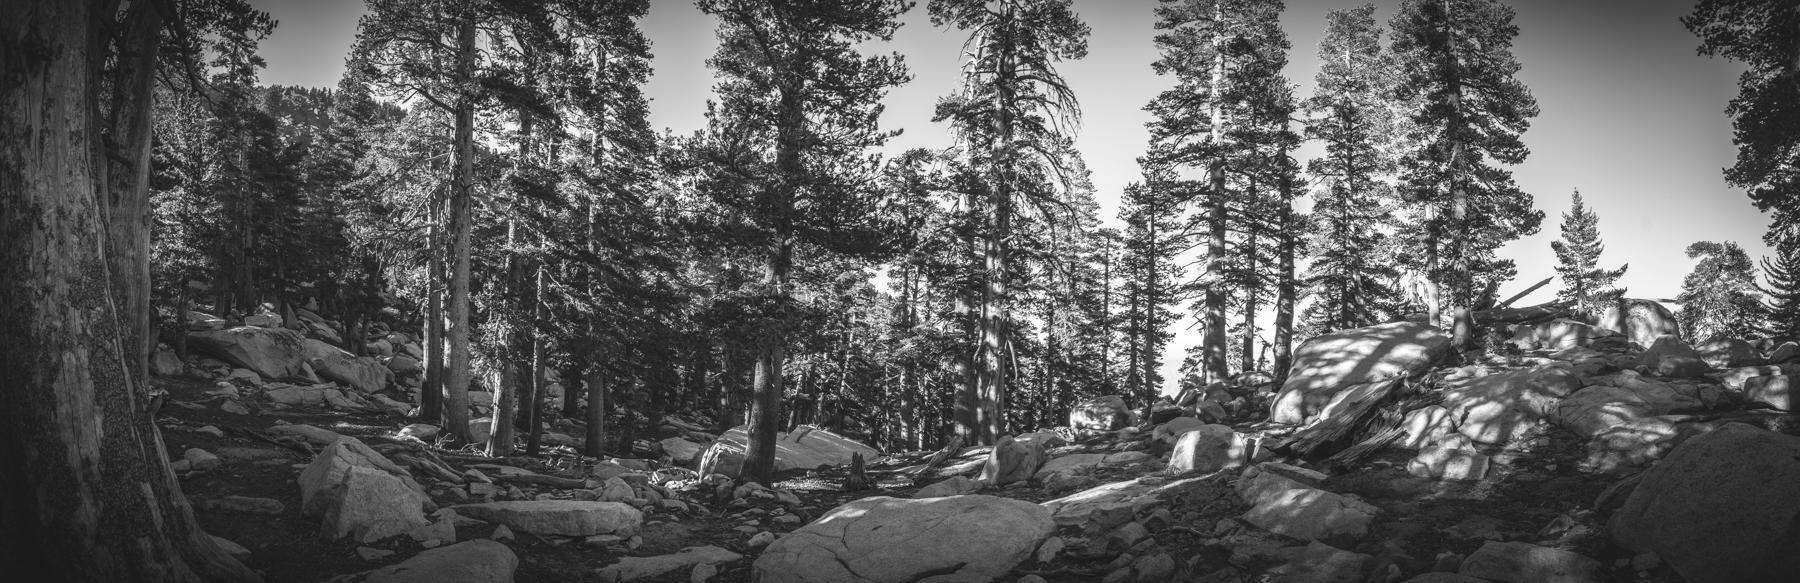 2017-07-02 San Jacinto Peak B (22 of 30).jpg